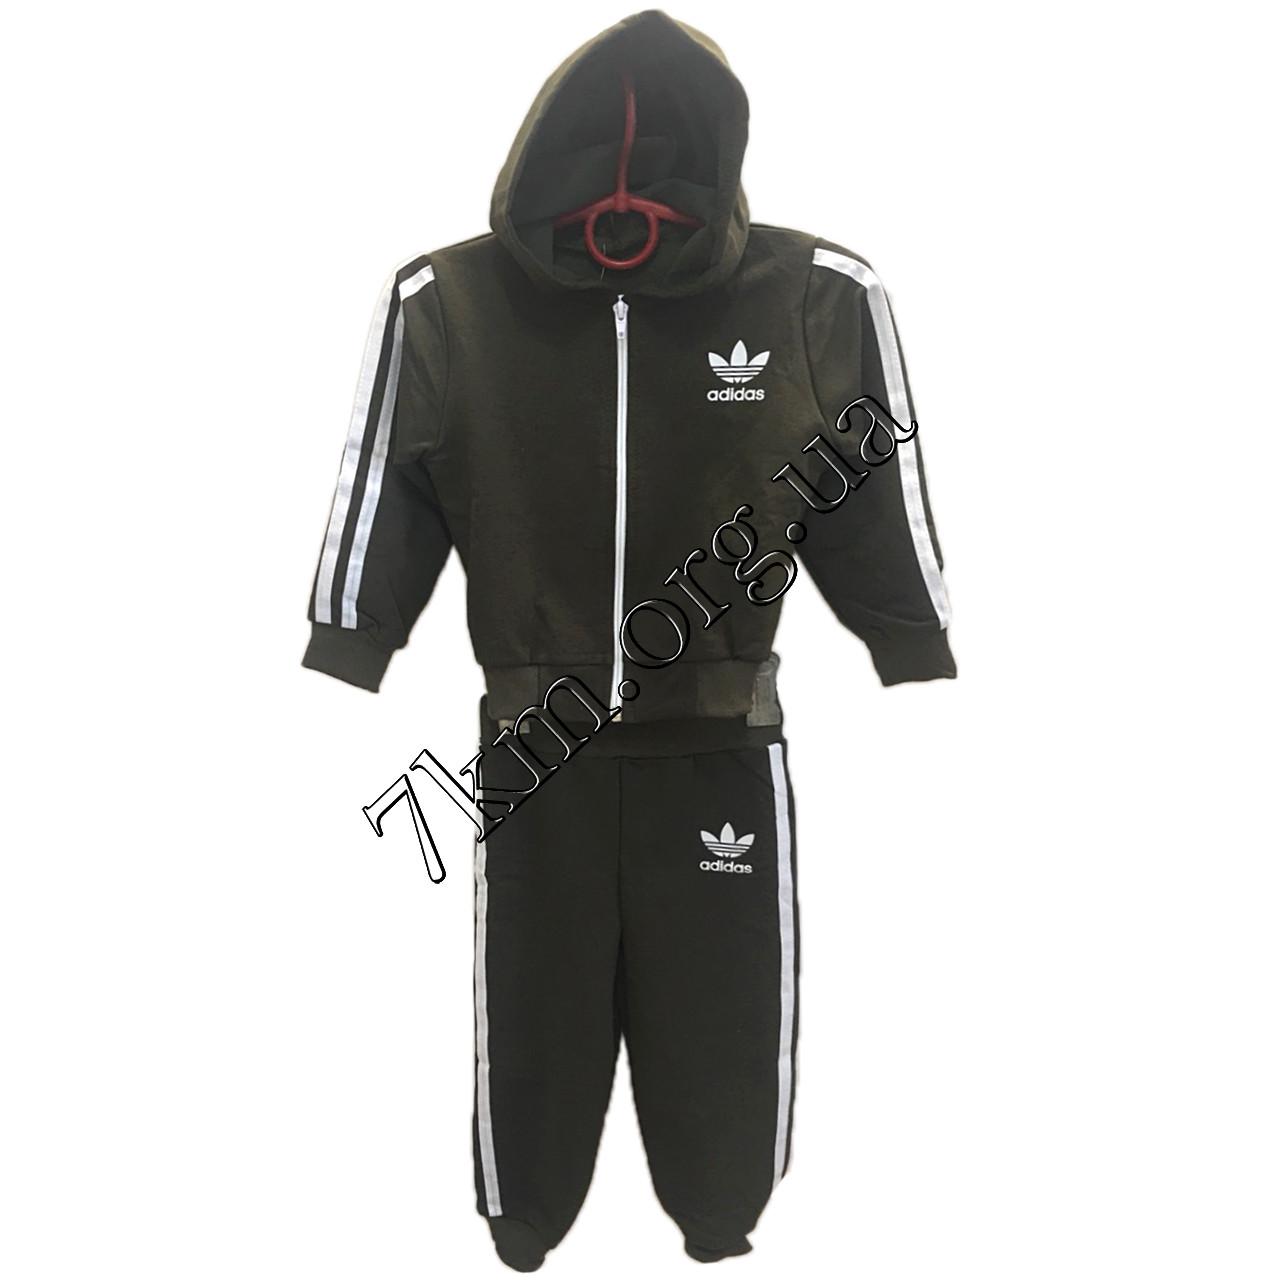 """Спортивный костюм детский реплика """"adidas"""" 1-3 года т.зеленый Оптом"""